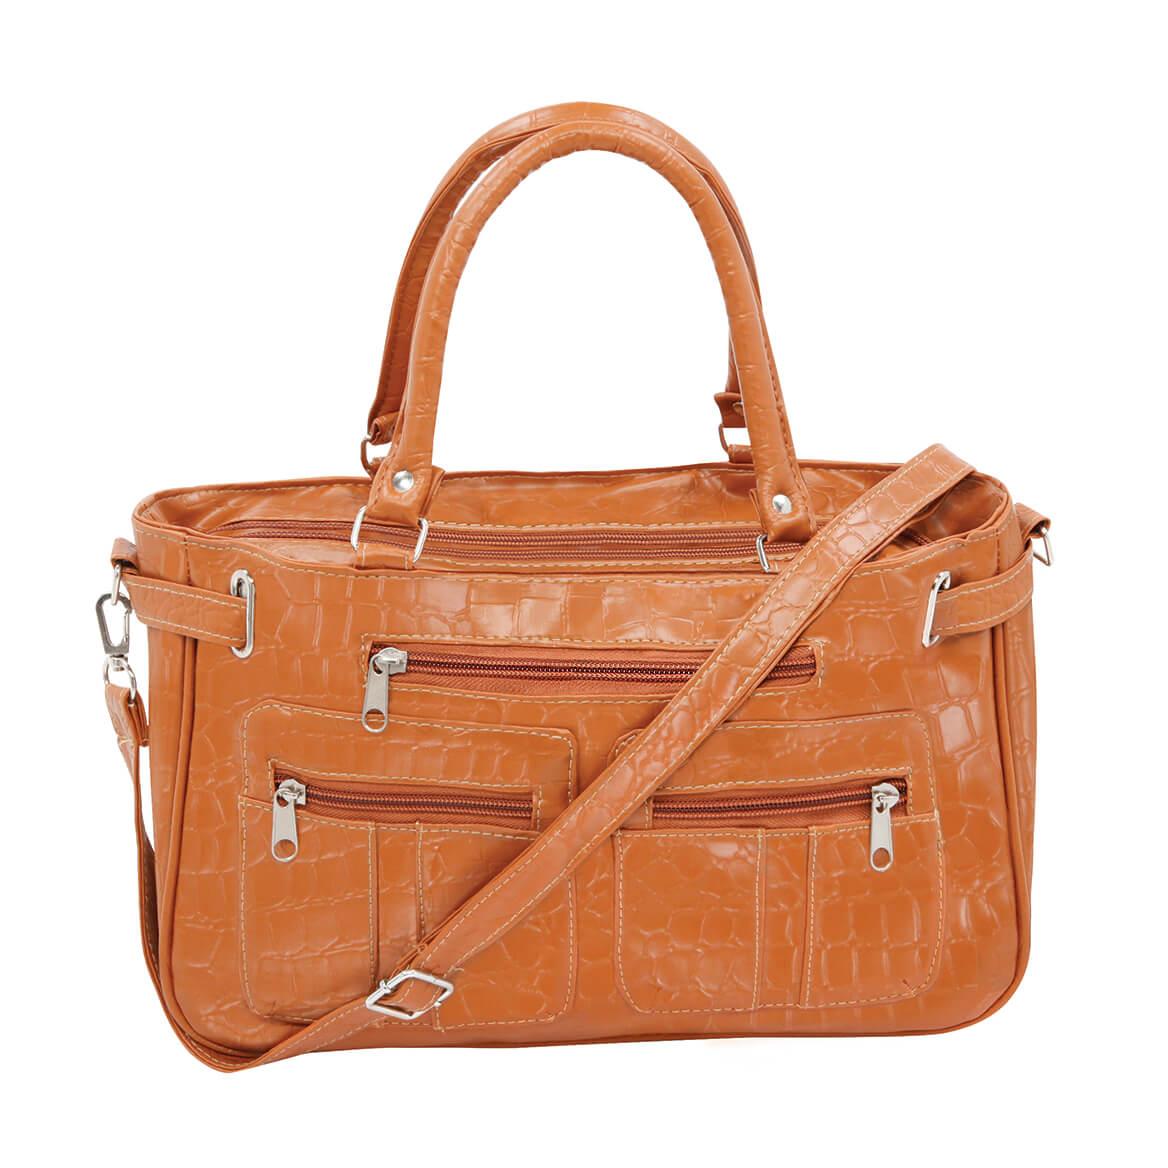 Organizing Fashion Handbag-369937